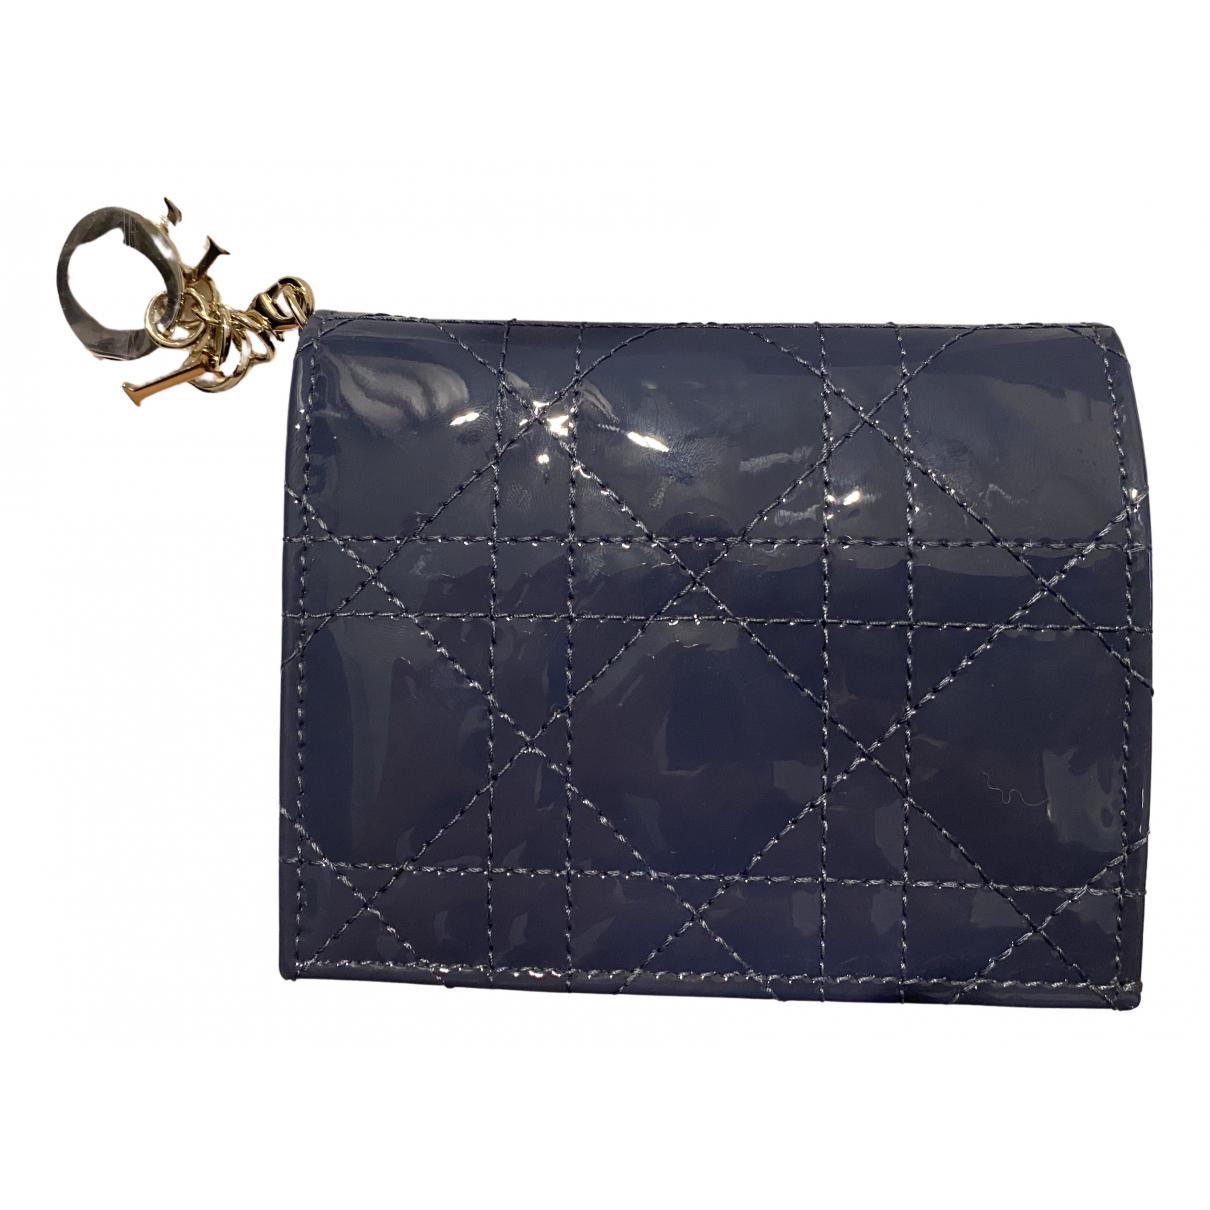 Dior - Portefeuille Lady Dior pour femme en cuir verni